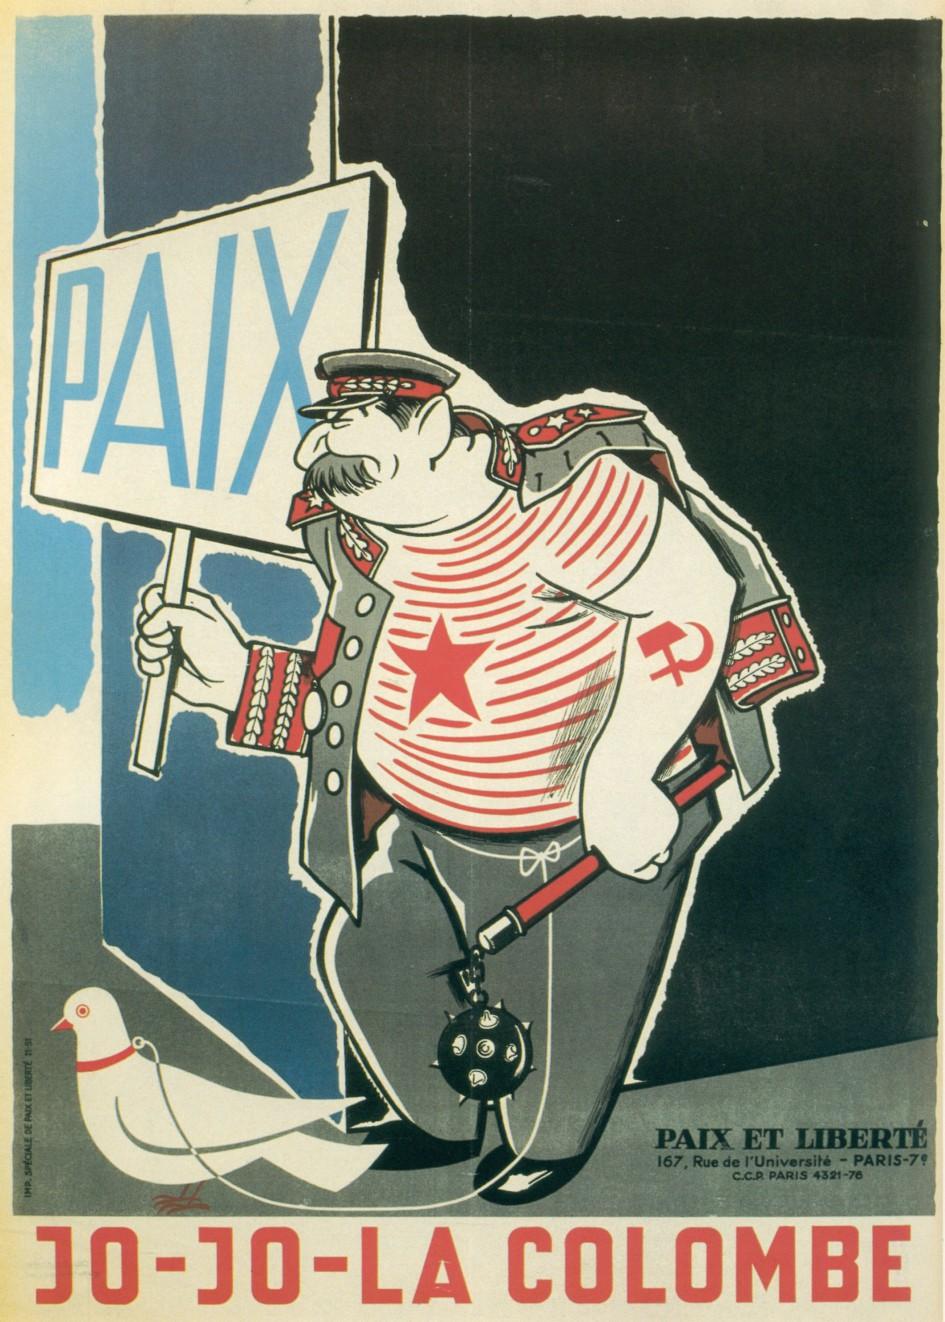 paix et liberté jo-jo la colombe staline